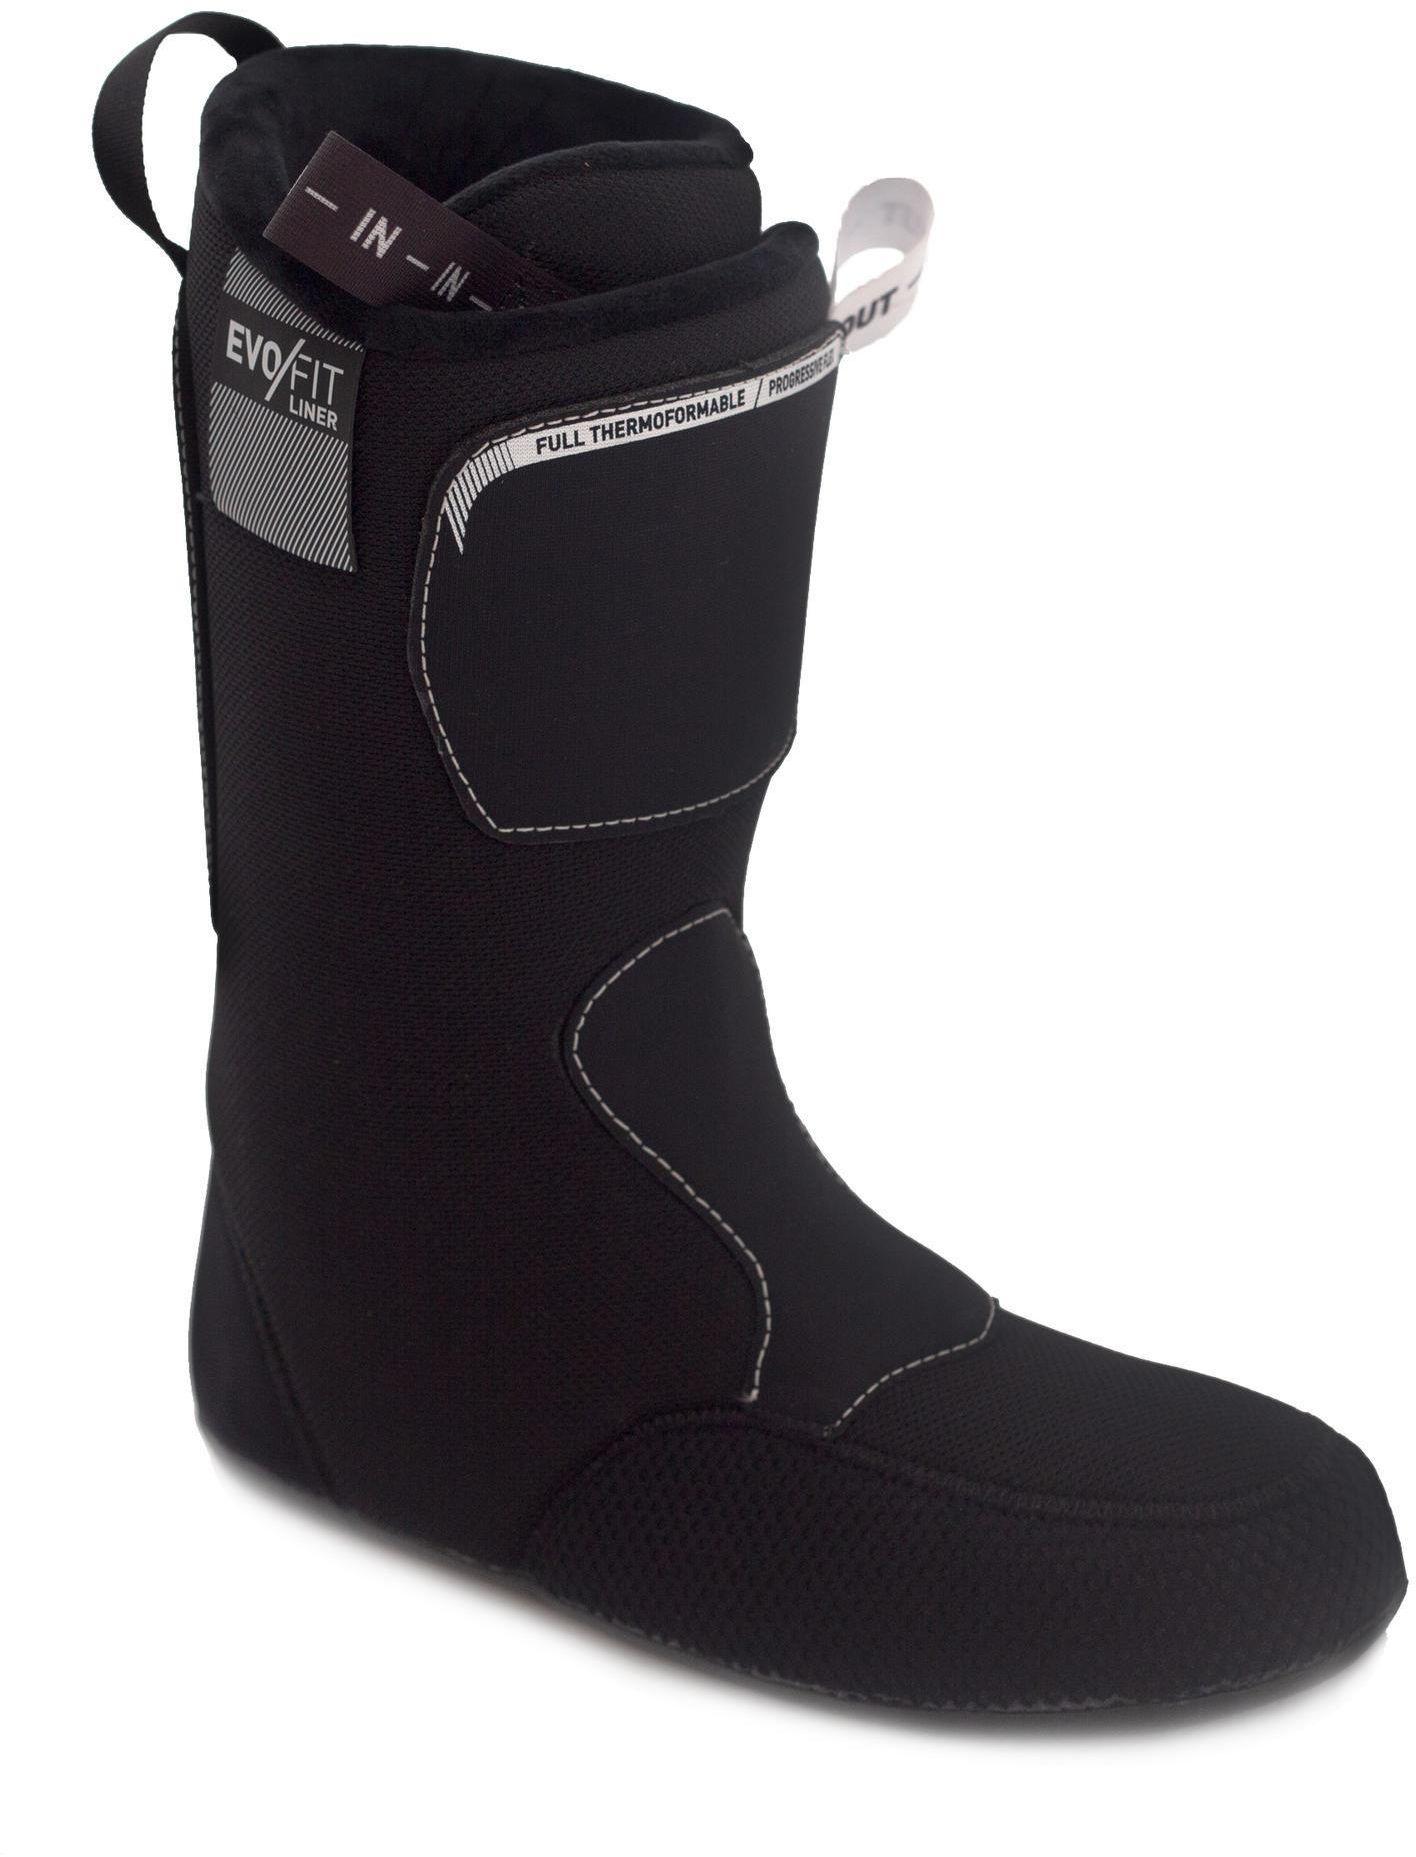 But wewnętrzny do butów narciarskich Wedze EVOFIT